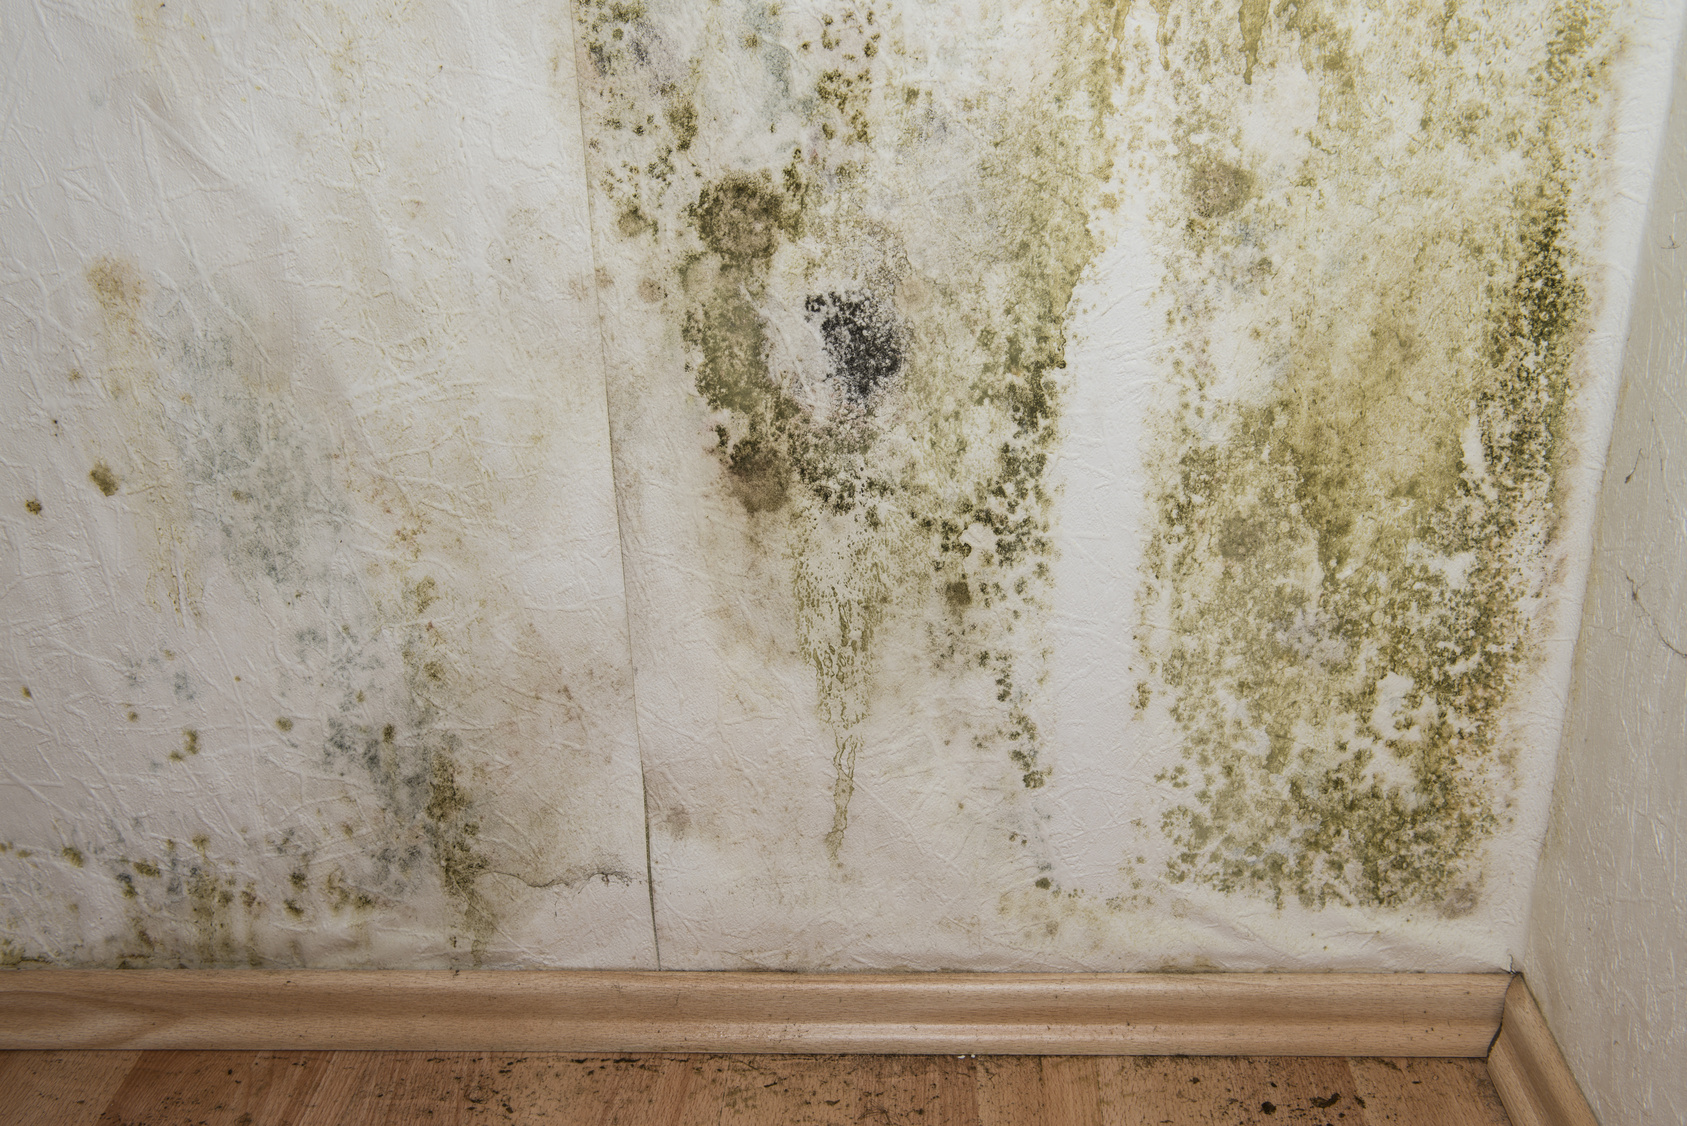 Peinture anti moisissure son prix comment la choisir et for Peindre un mur en blanc